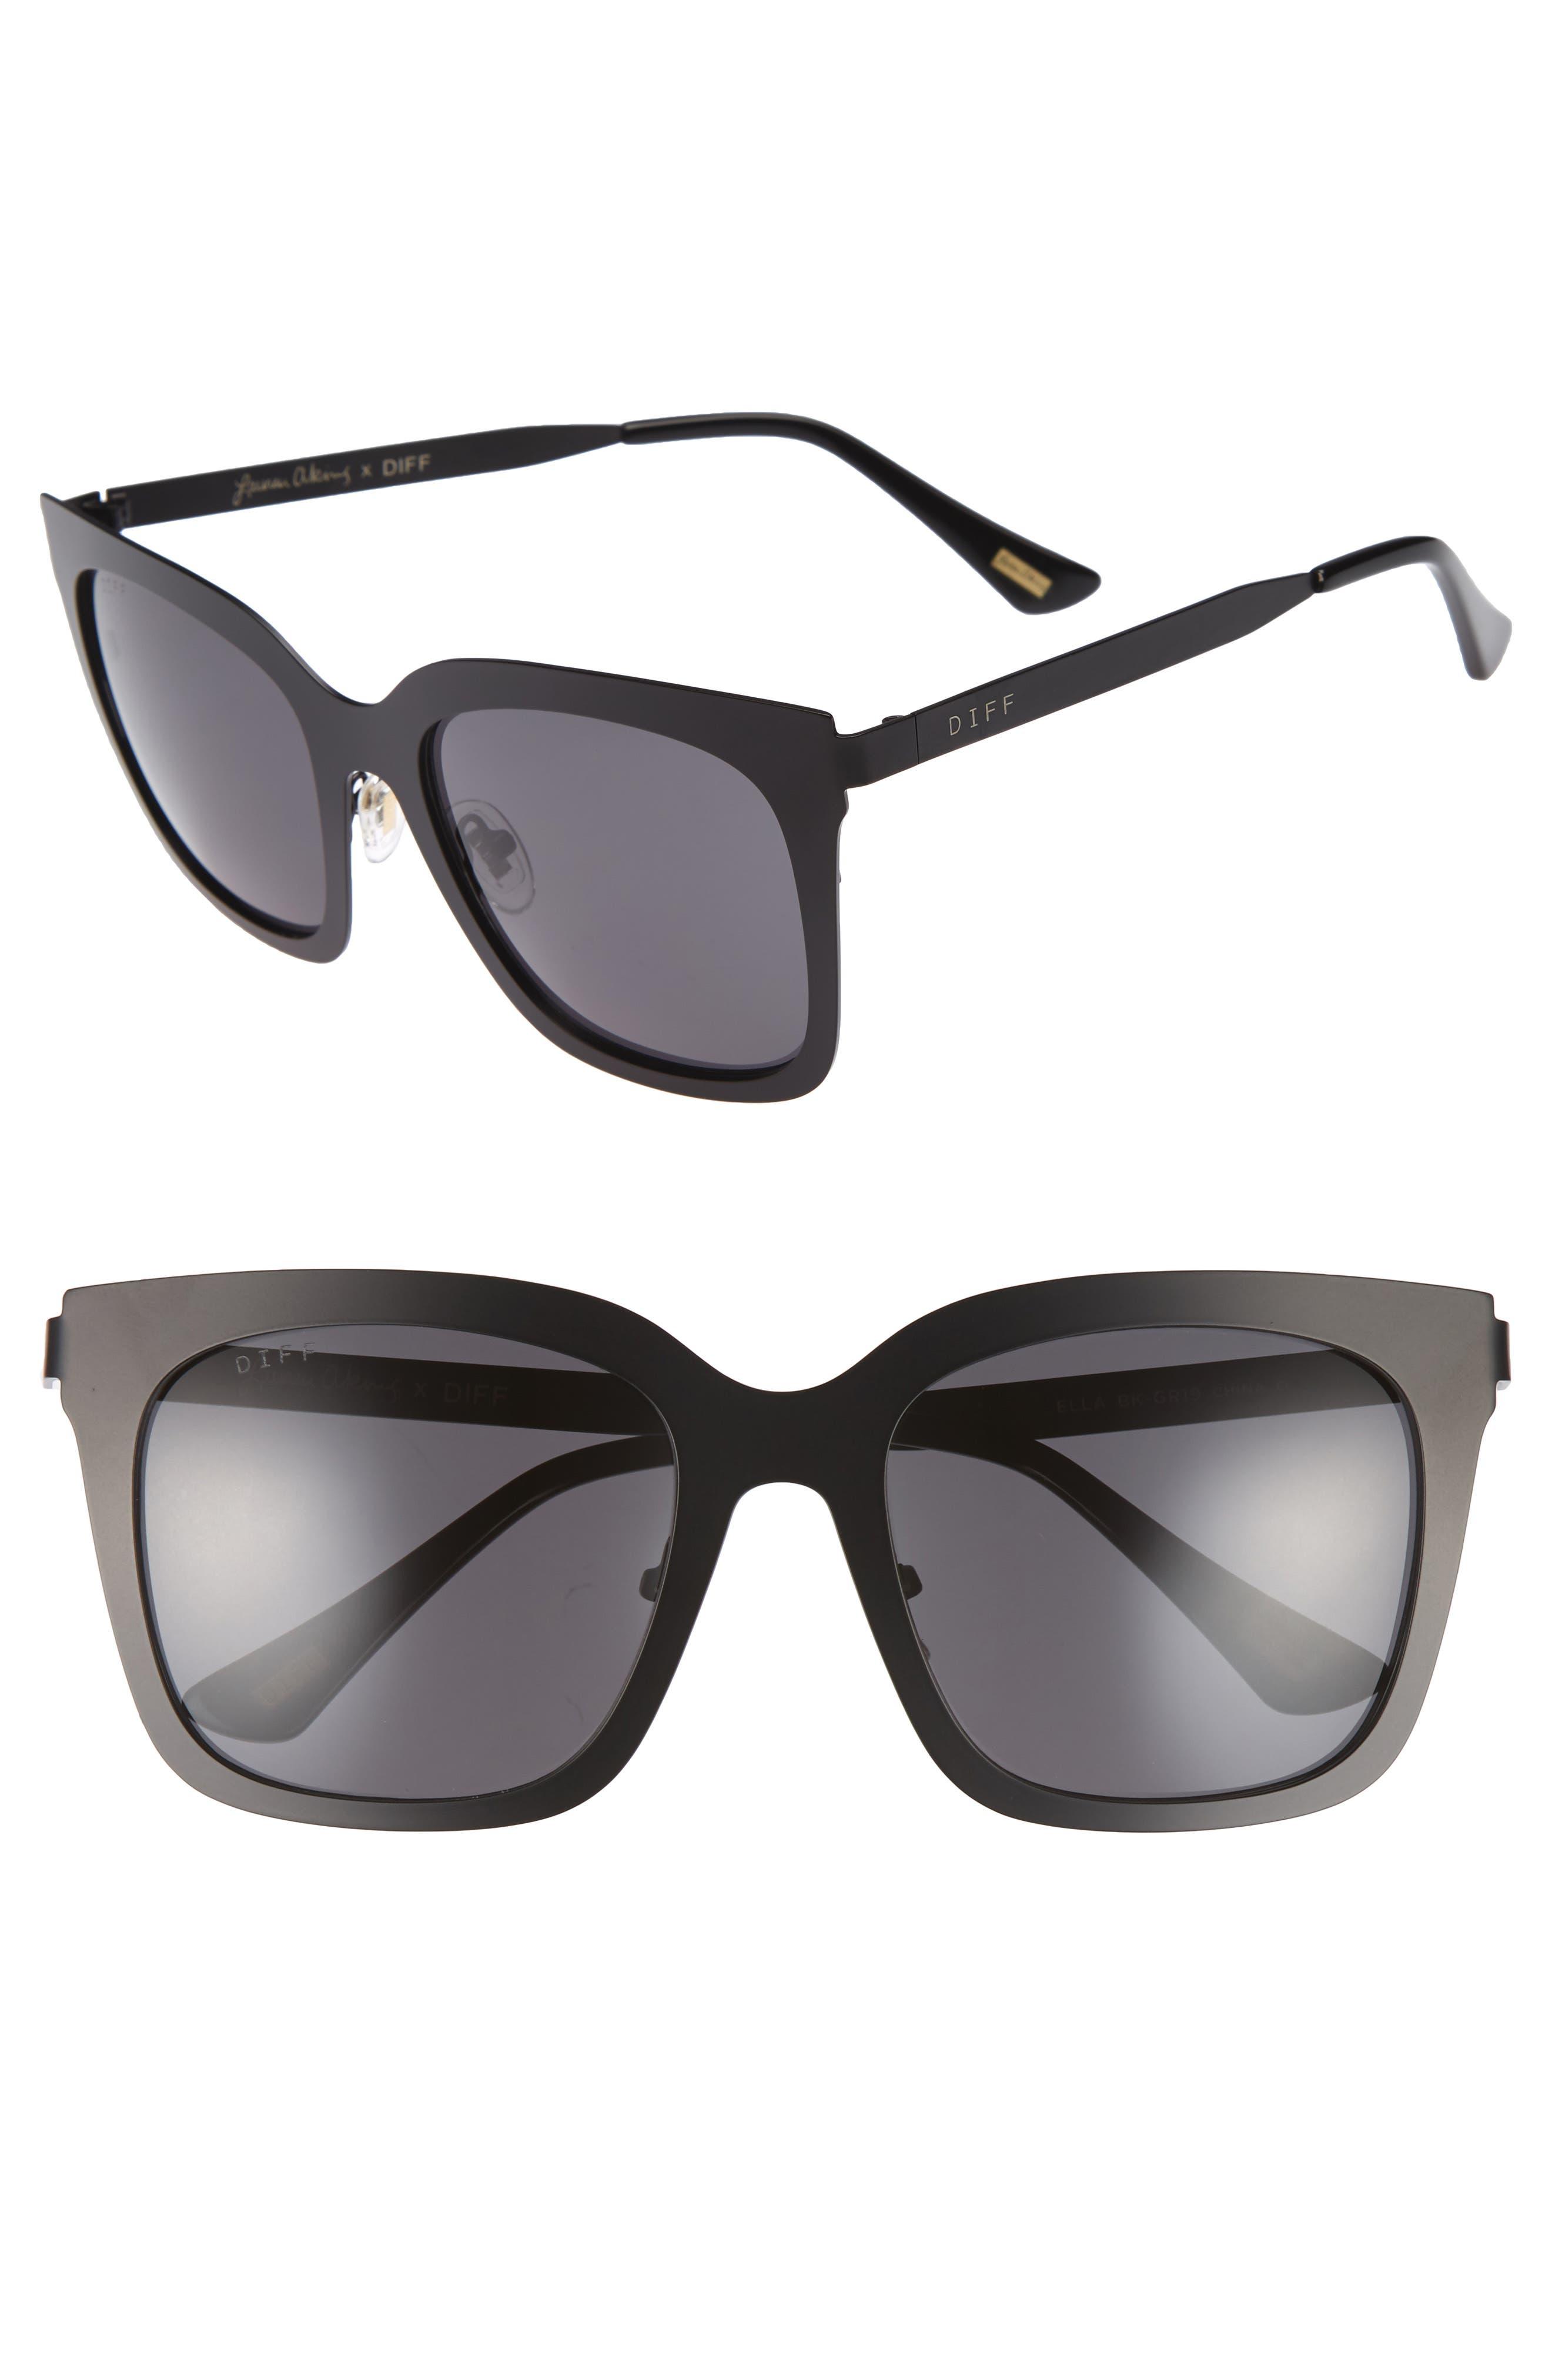 x Lauren Akins Ella 53mm Cat Eye Sunglasses,                         Main,                         color, Black/ Grey